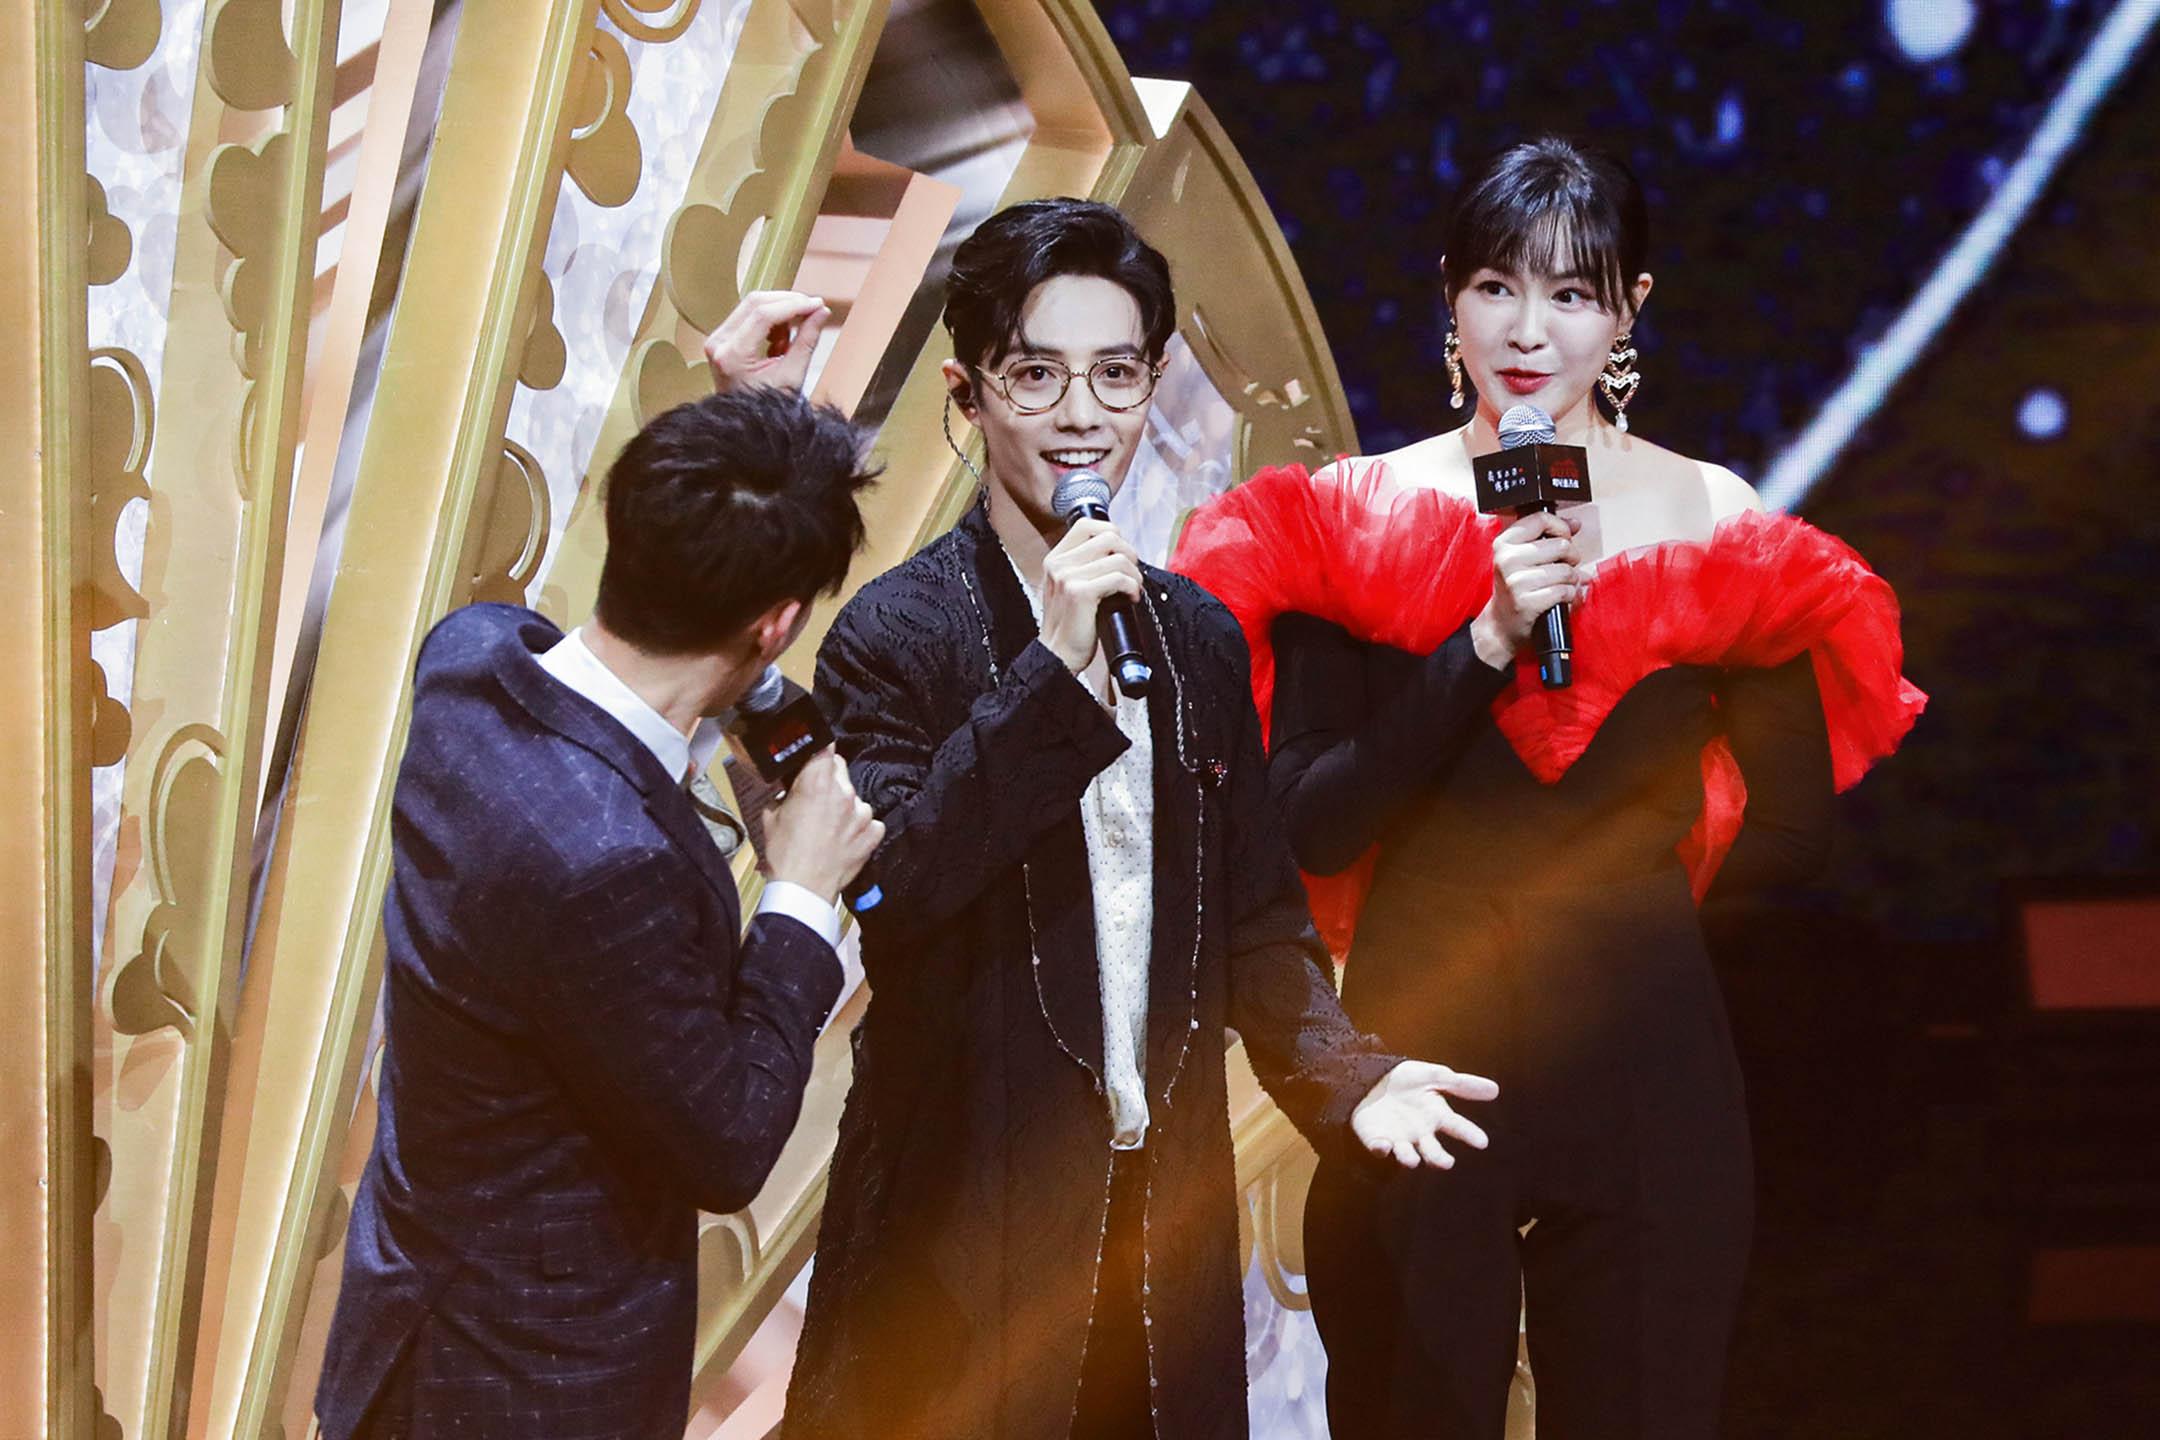 2019年11月16日中國北京,歌手肖戰舞台上表演。 圖:VCG/VCG via Getty Images